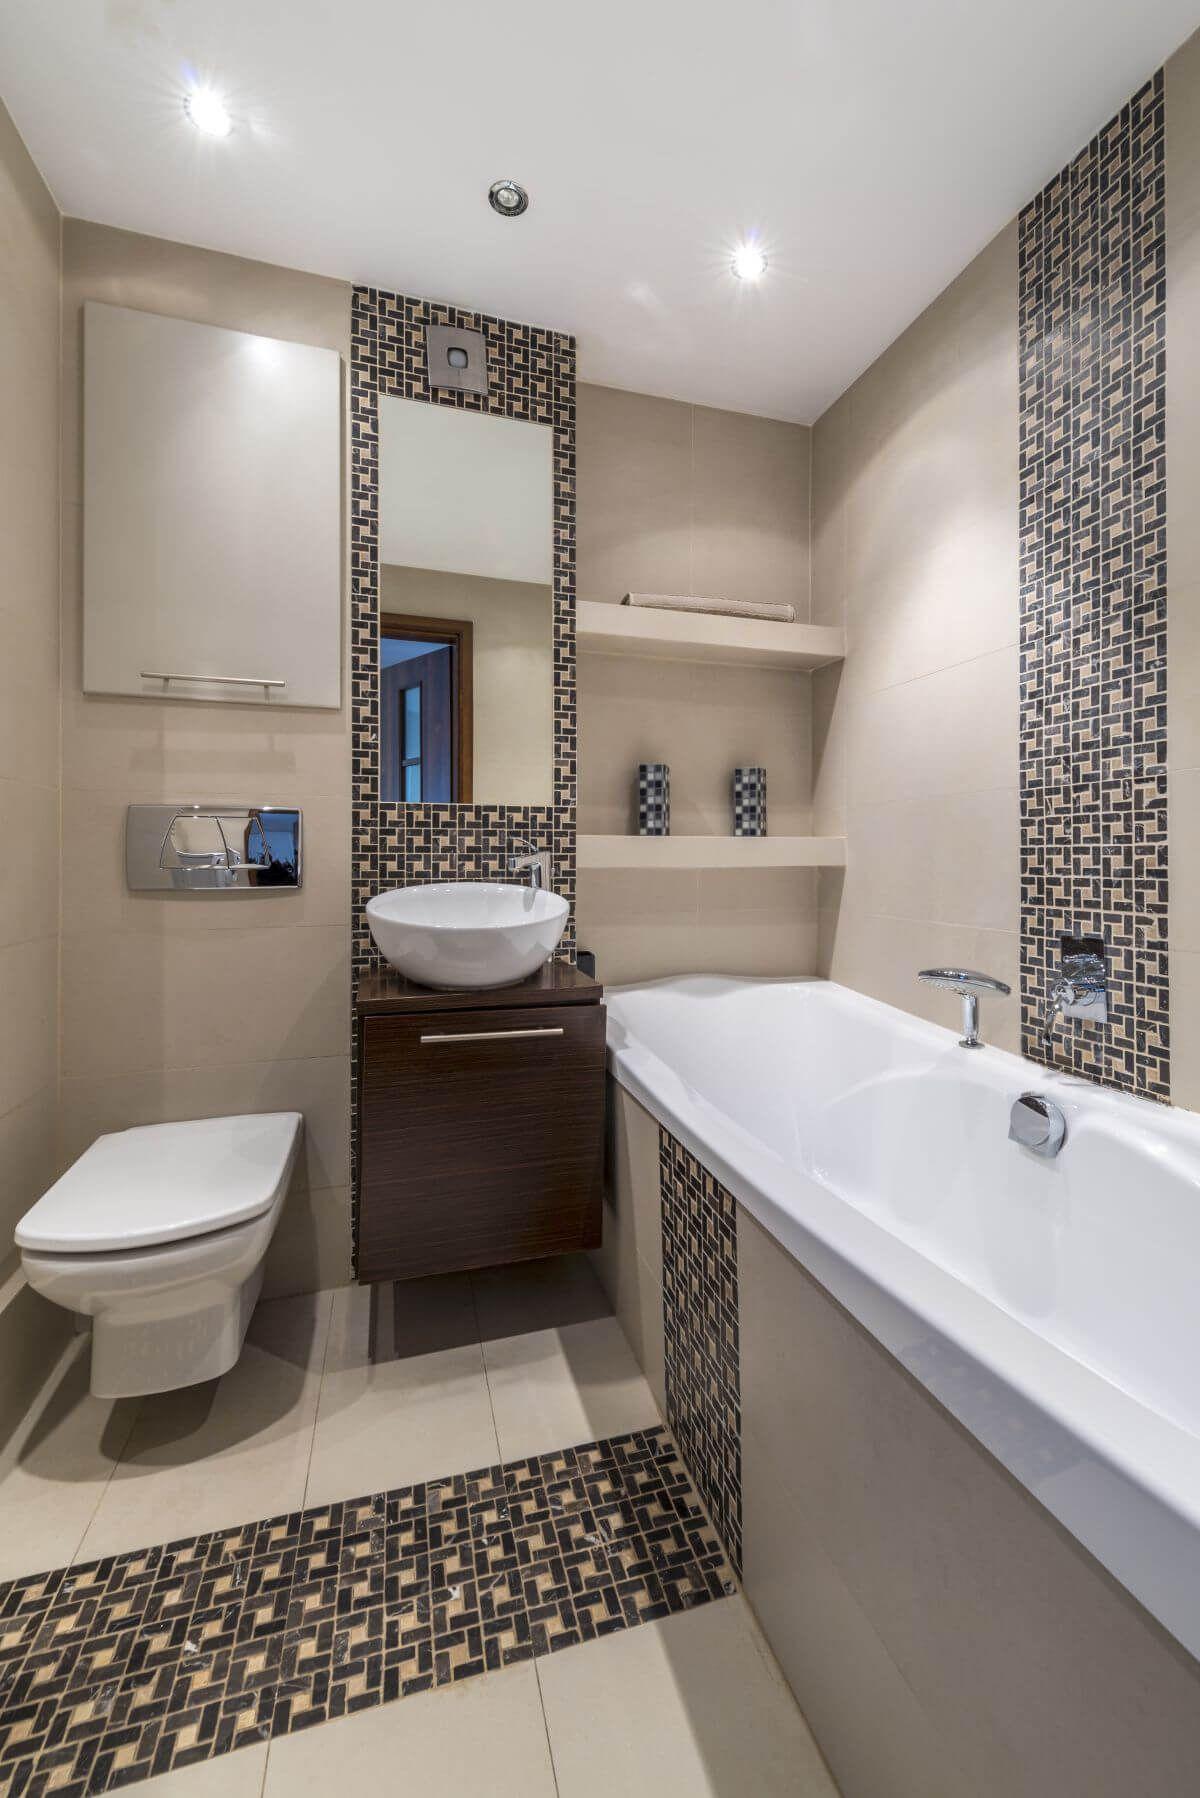 Indian Bathroom Designs Book Small Bathroom Renovations Simple Bathroom Bathroom Design Small